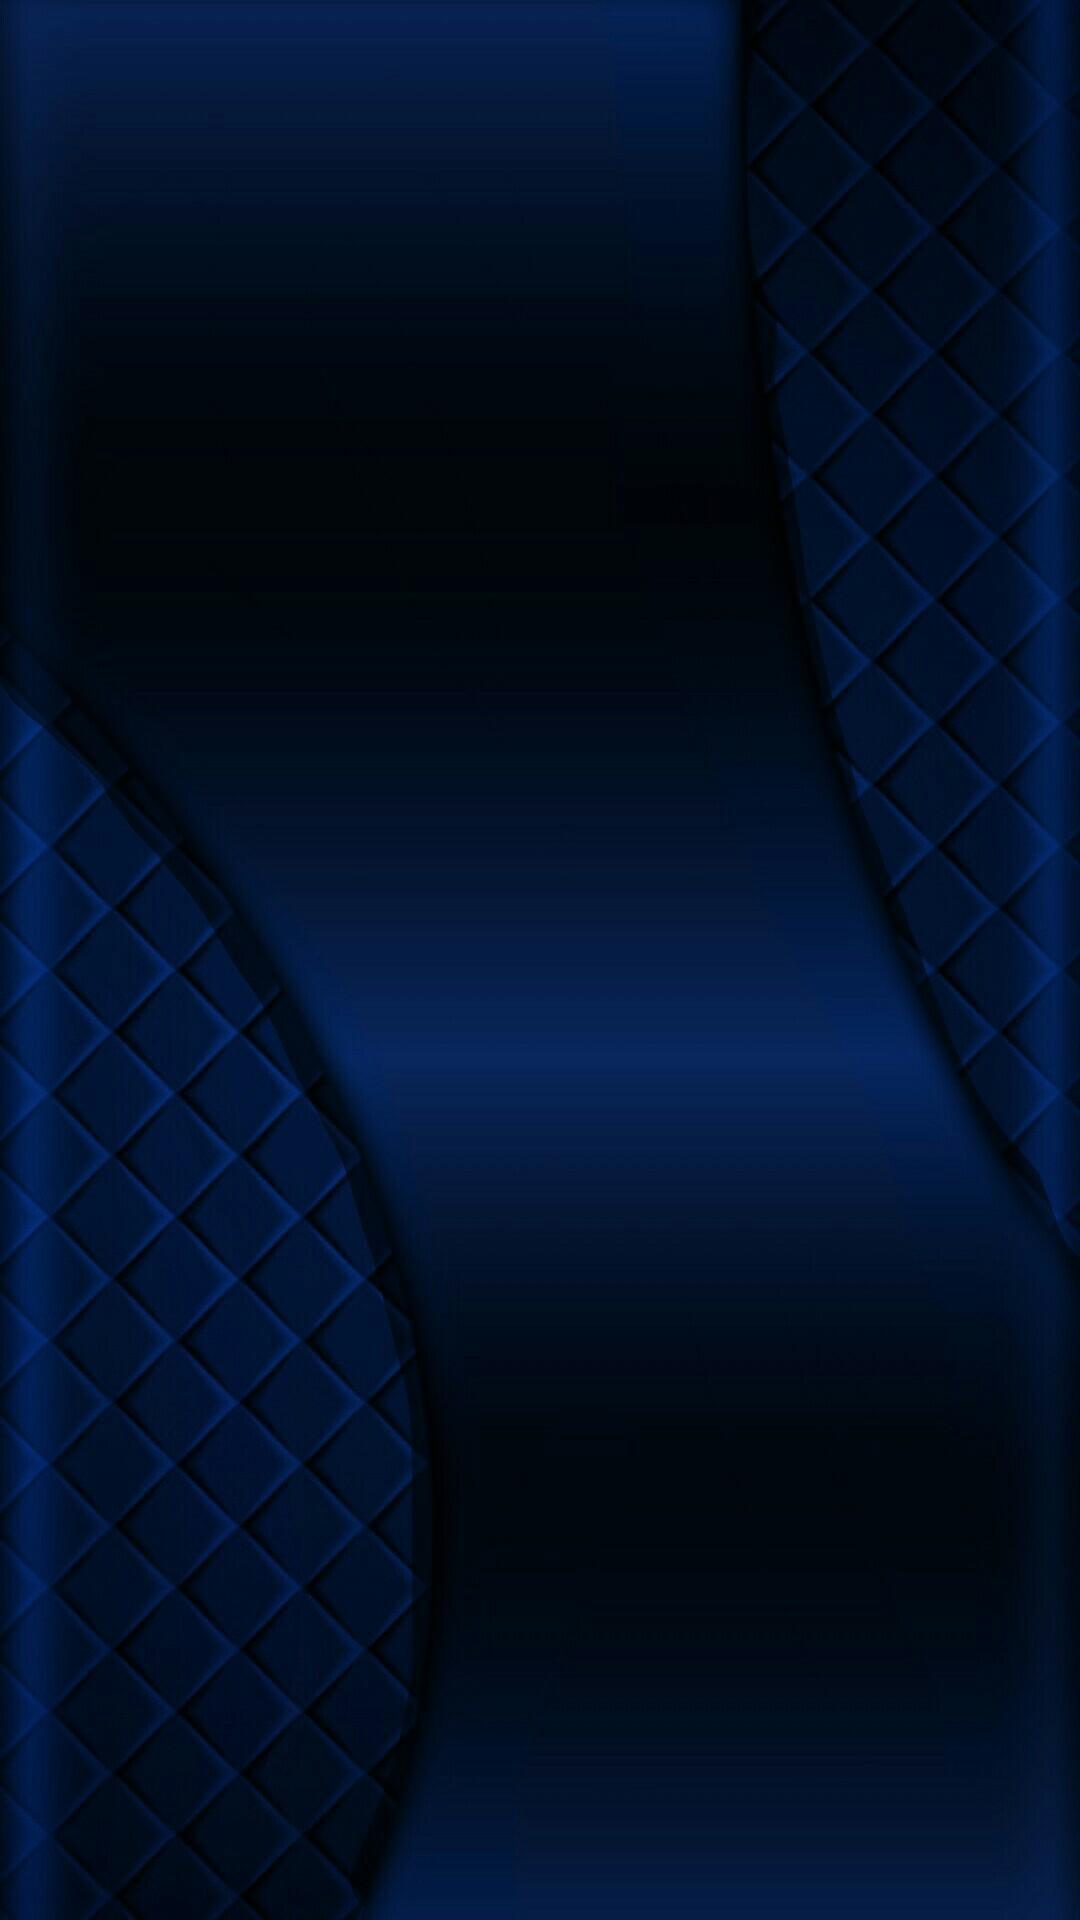 Темно Синие Обои На Телефон